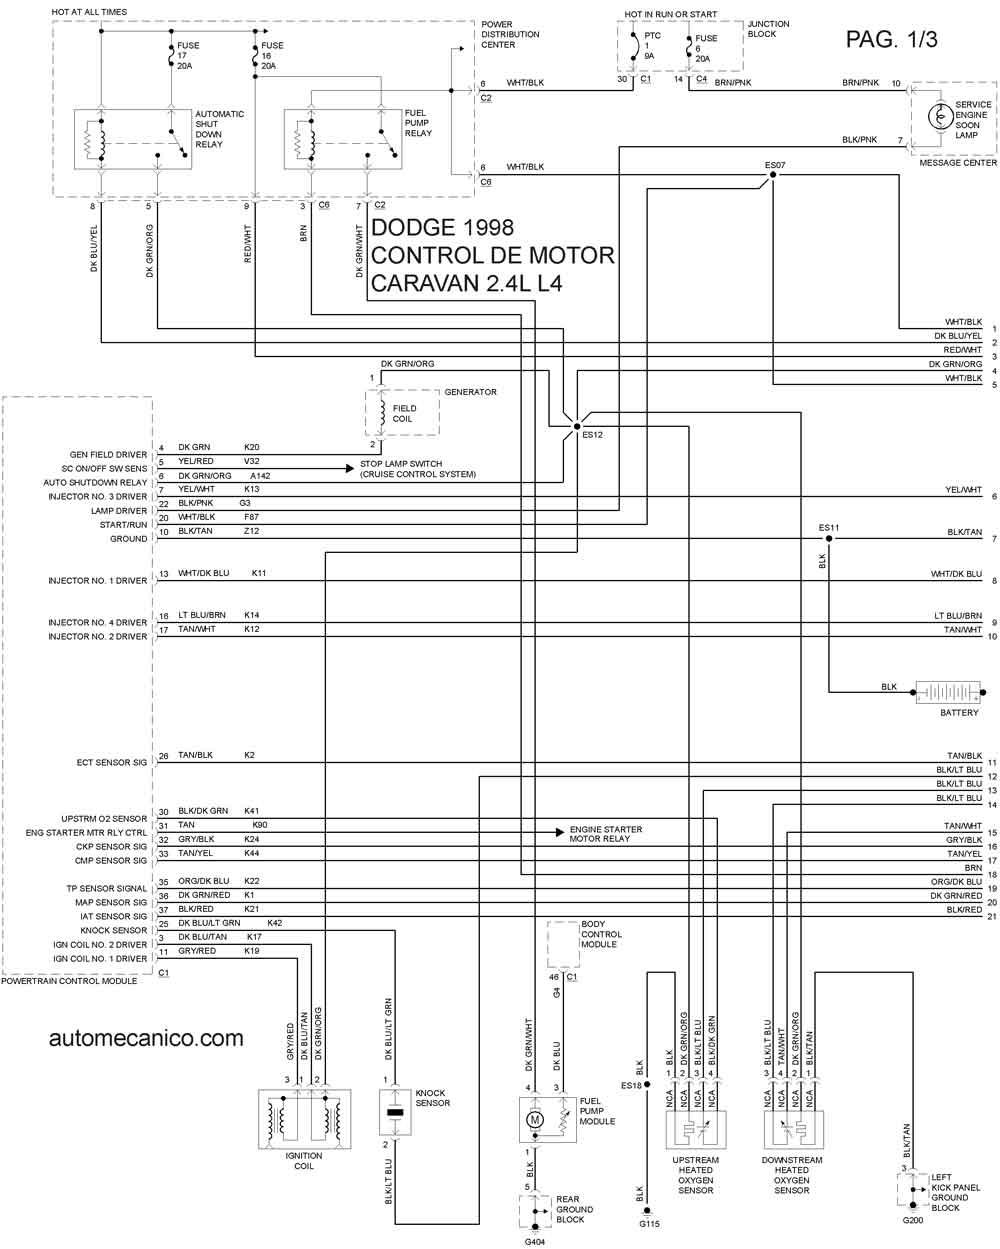 Dodge 1998 Diagramas Esquemas Graphics Vehiculos Motores Mecanica Automotriz